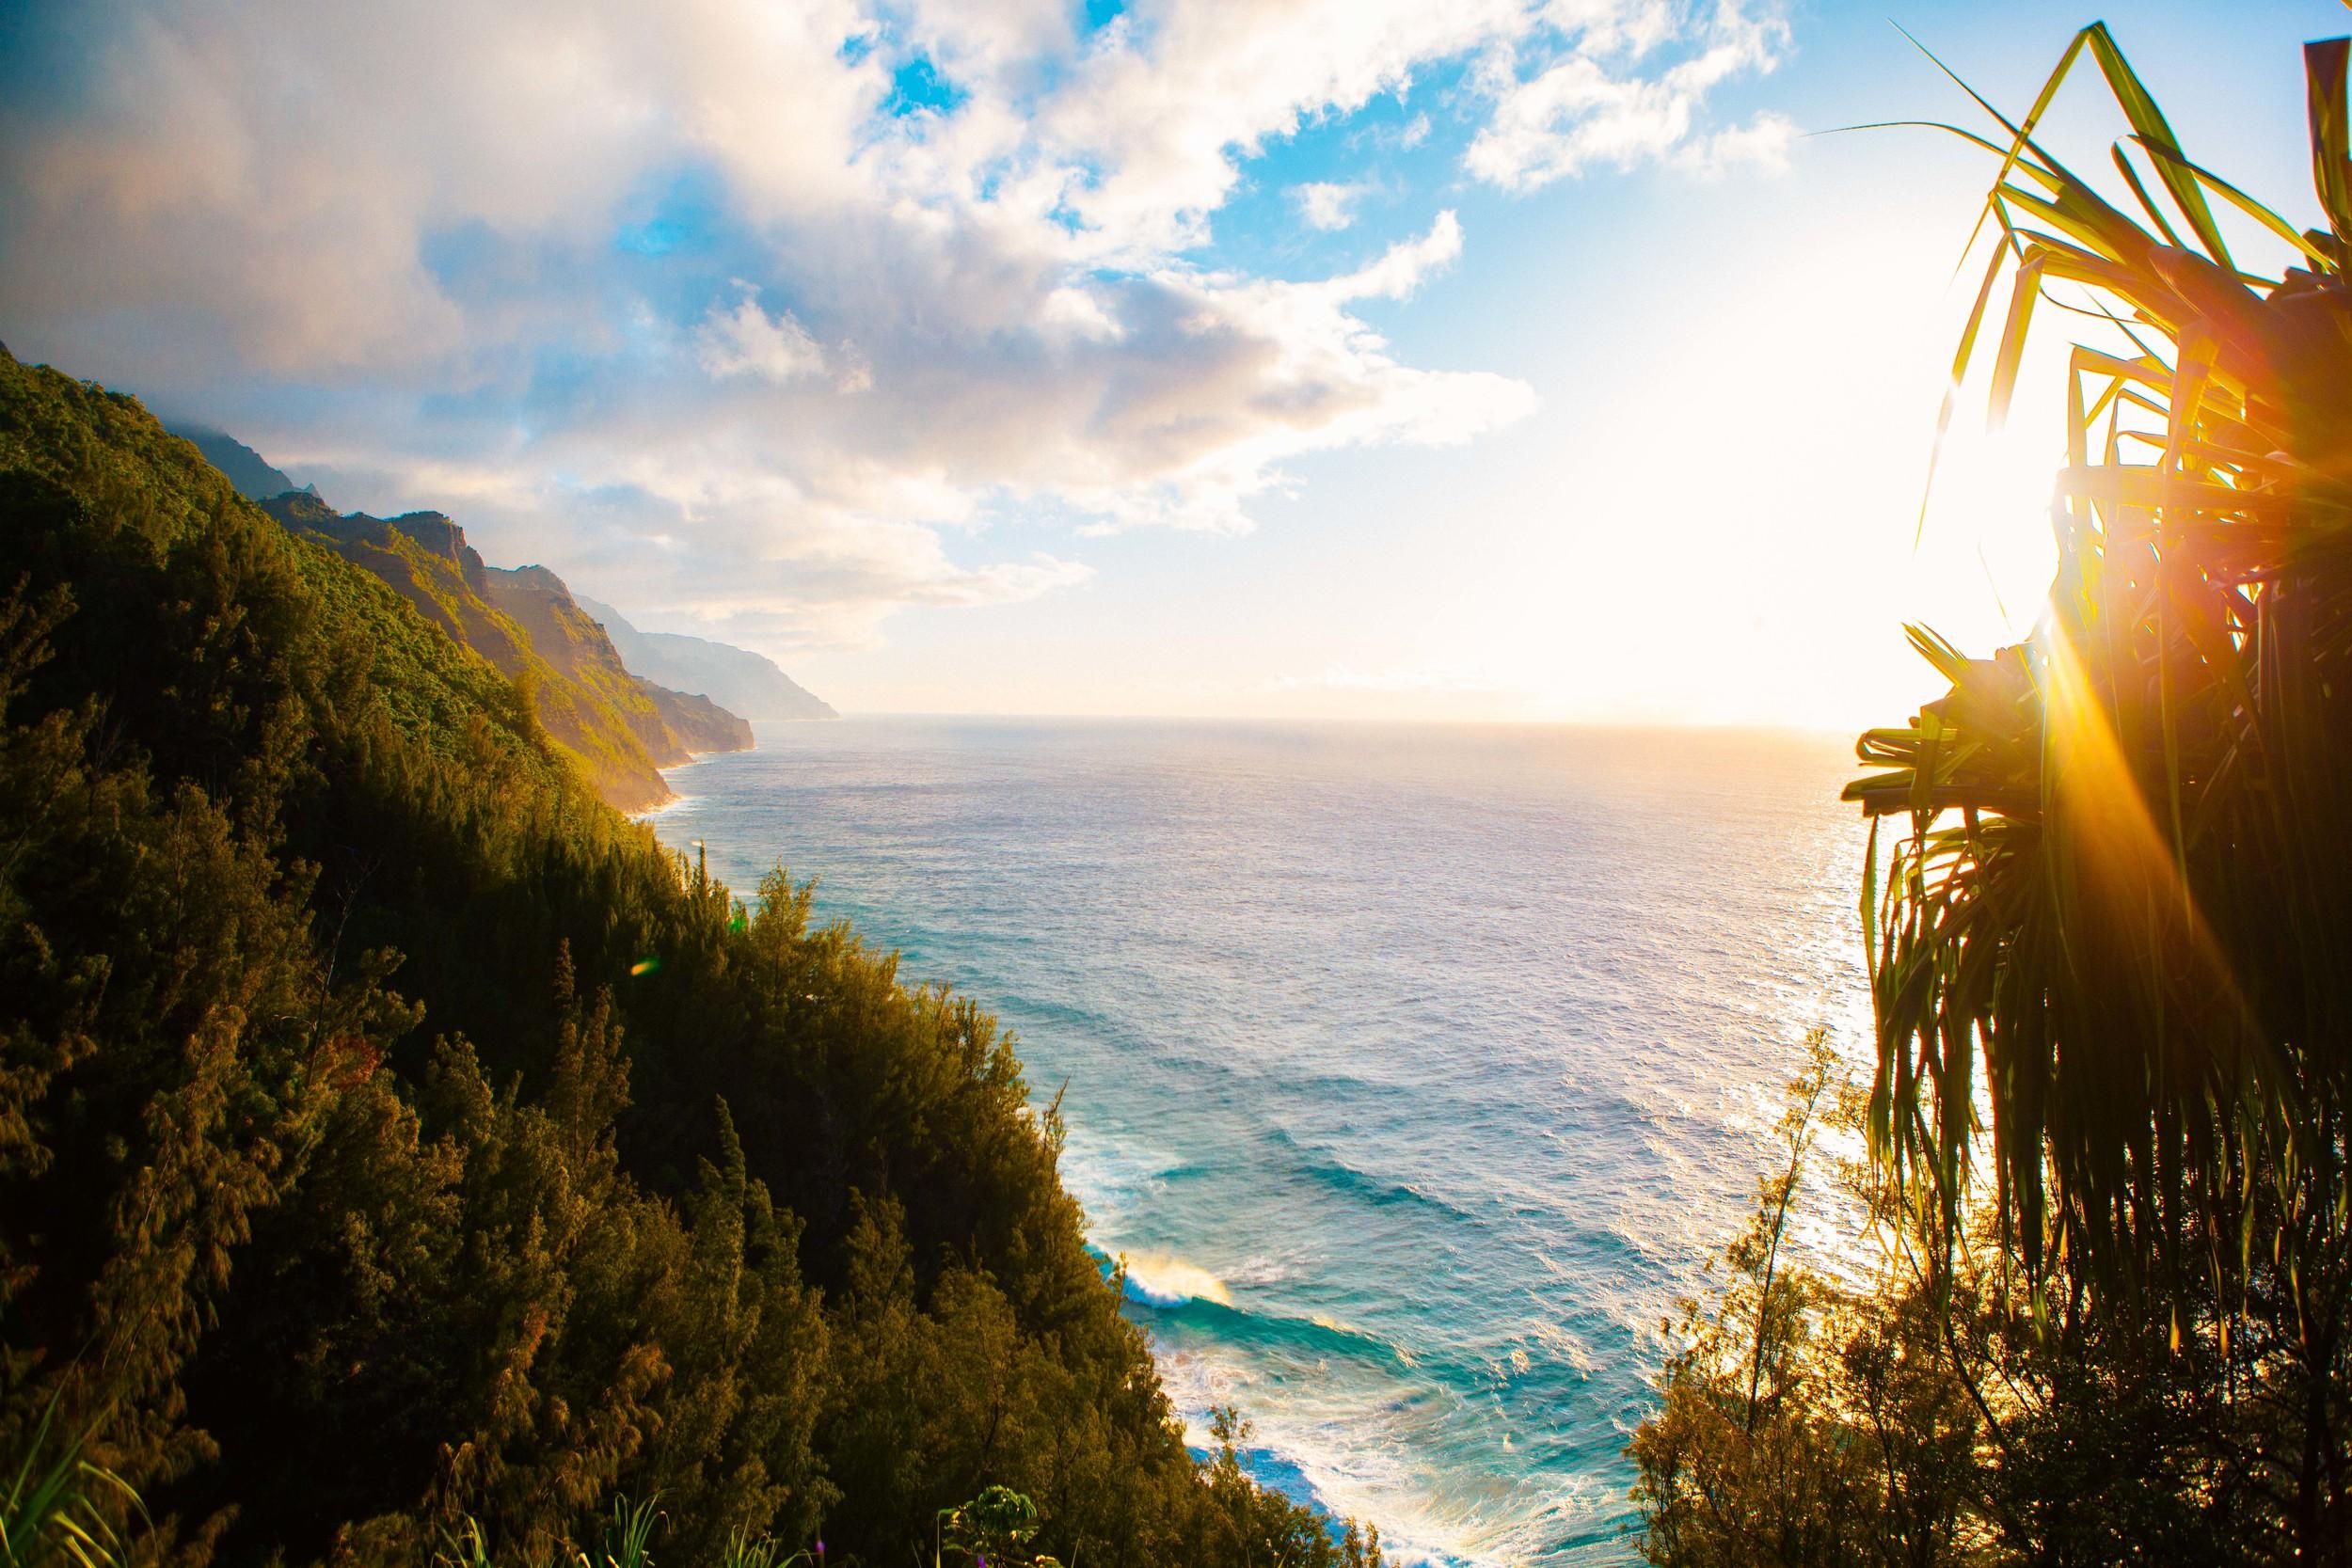 Kauai_day2_-407-2.jpg